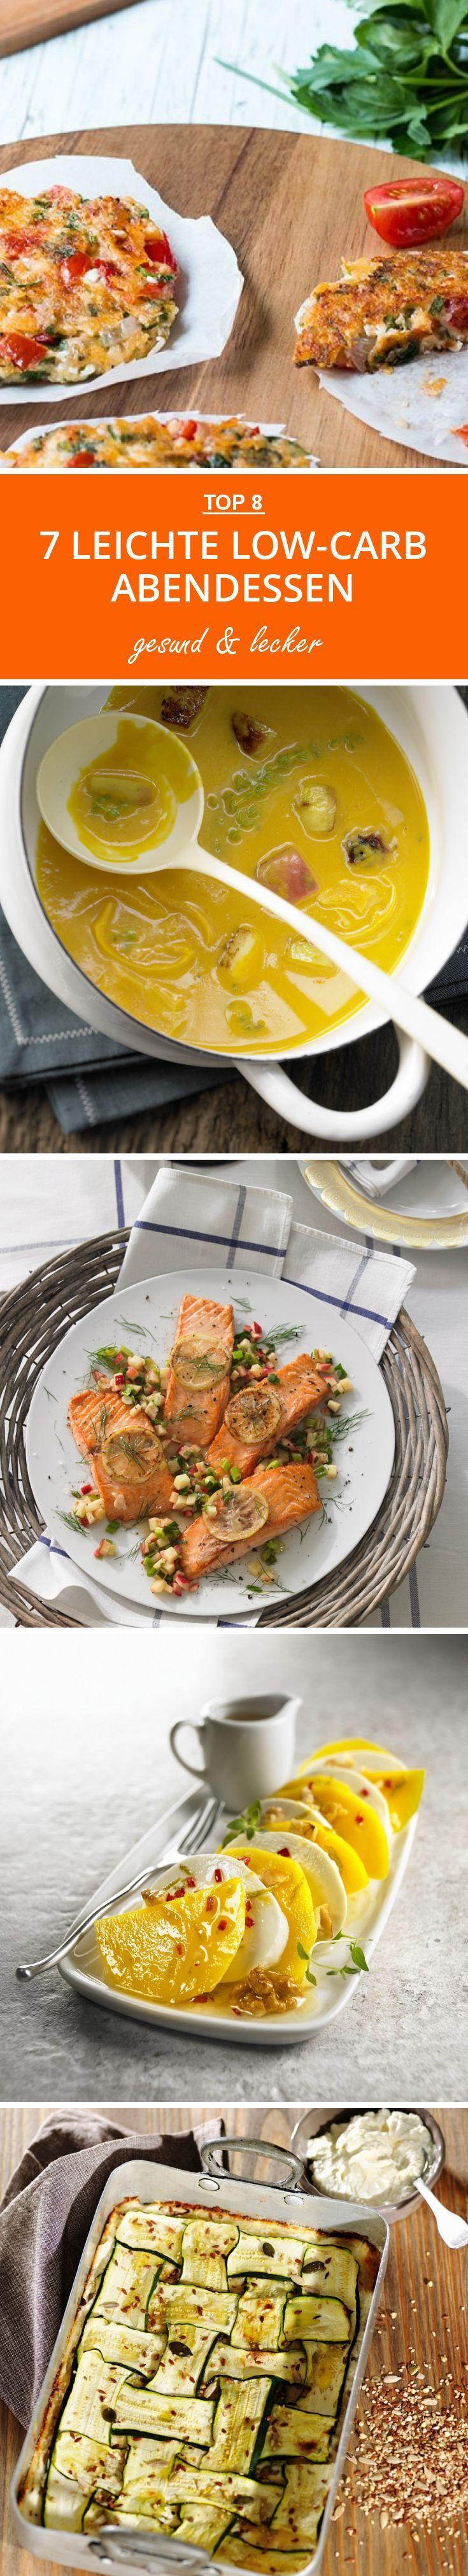 7 leichte Low-Carb Abendessen | eatsmarter.de